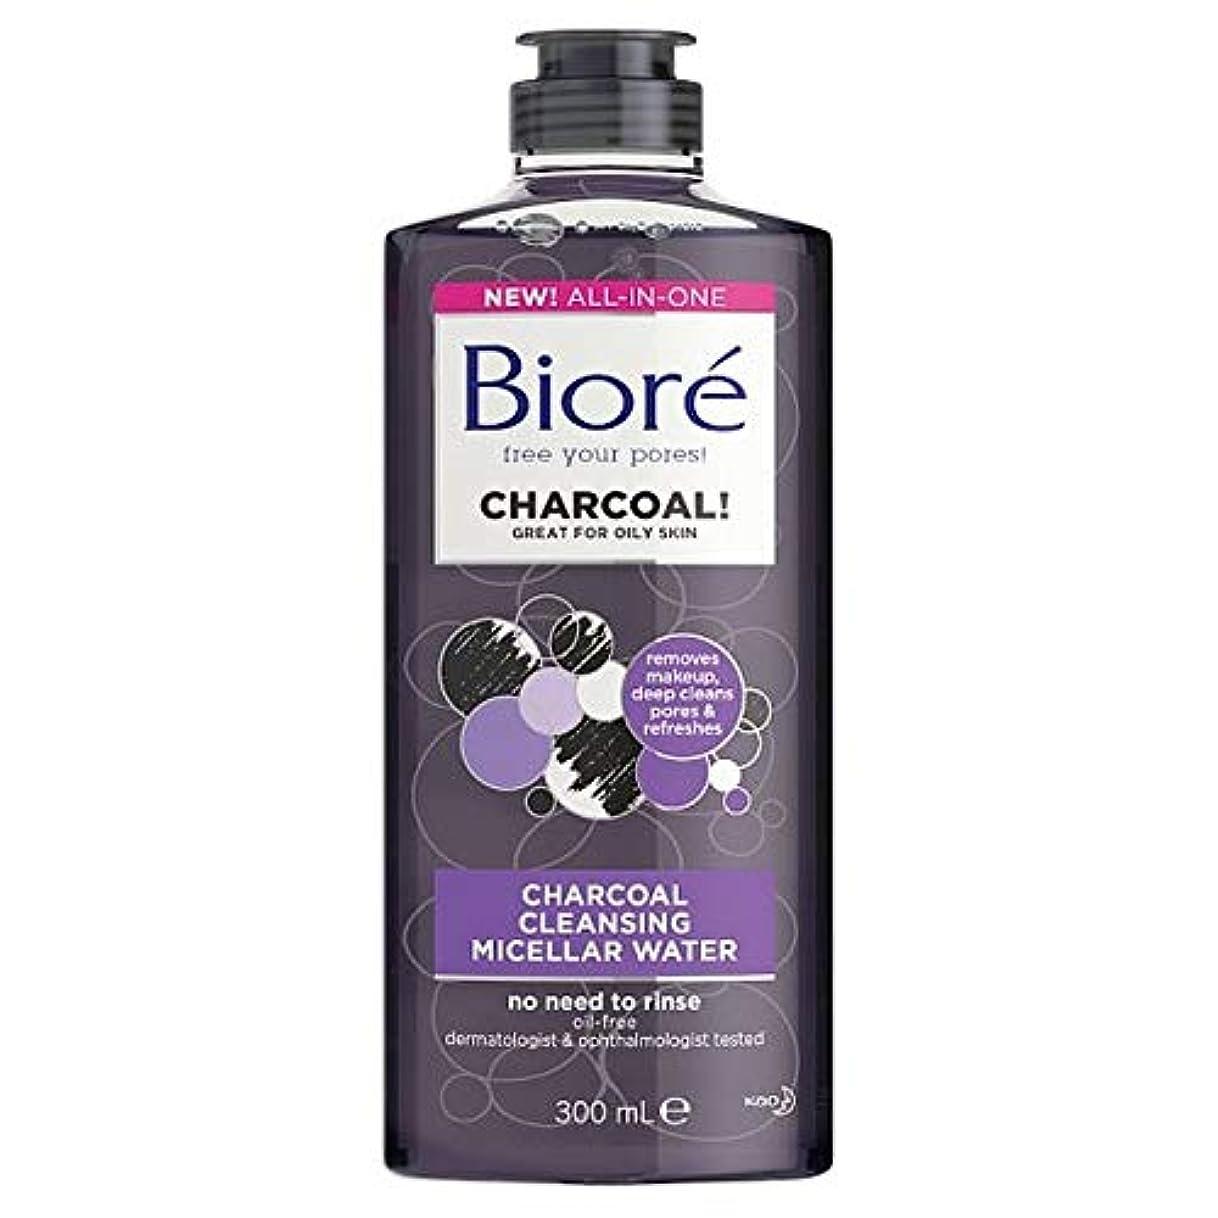 誘導アラビア語素晴らしき[Biore] ビオレ炭ミセル水300ミリリットル - Biore Charcoal Micellar Water 300Ml [並行輸入品]